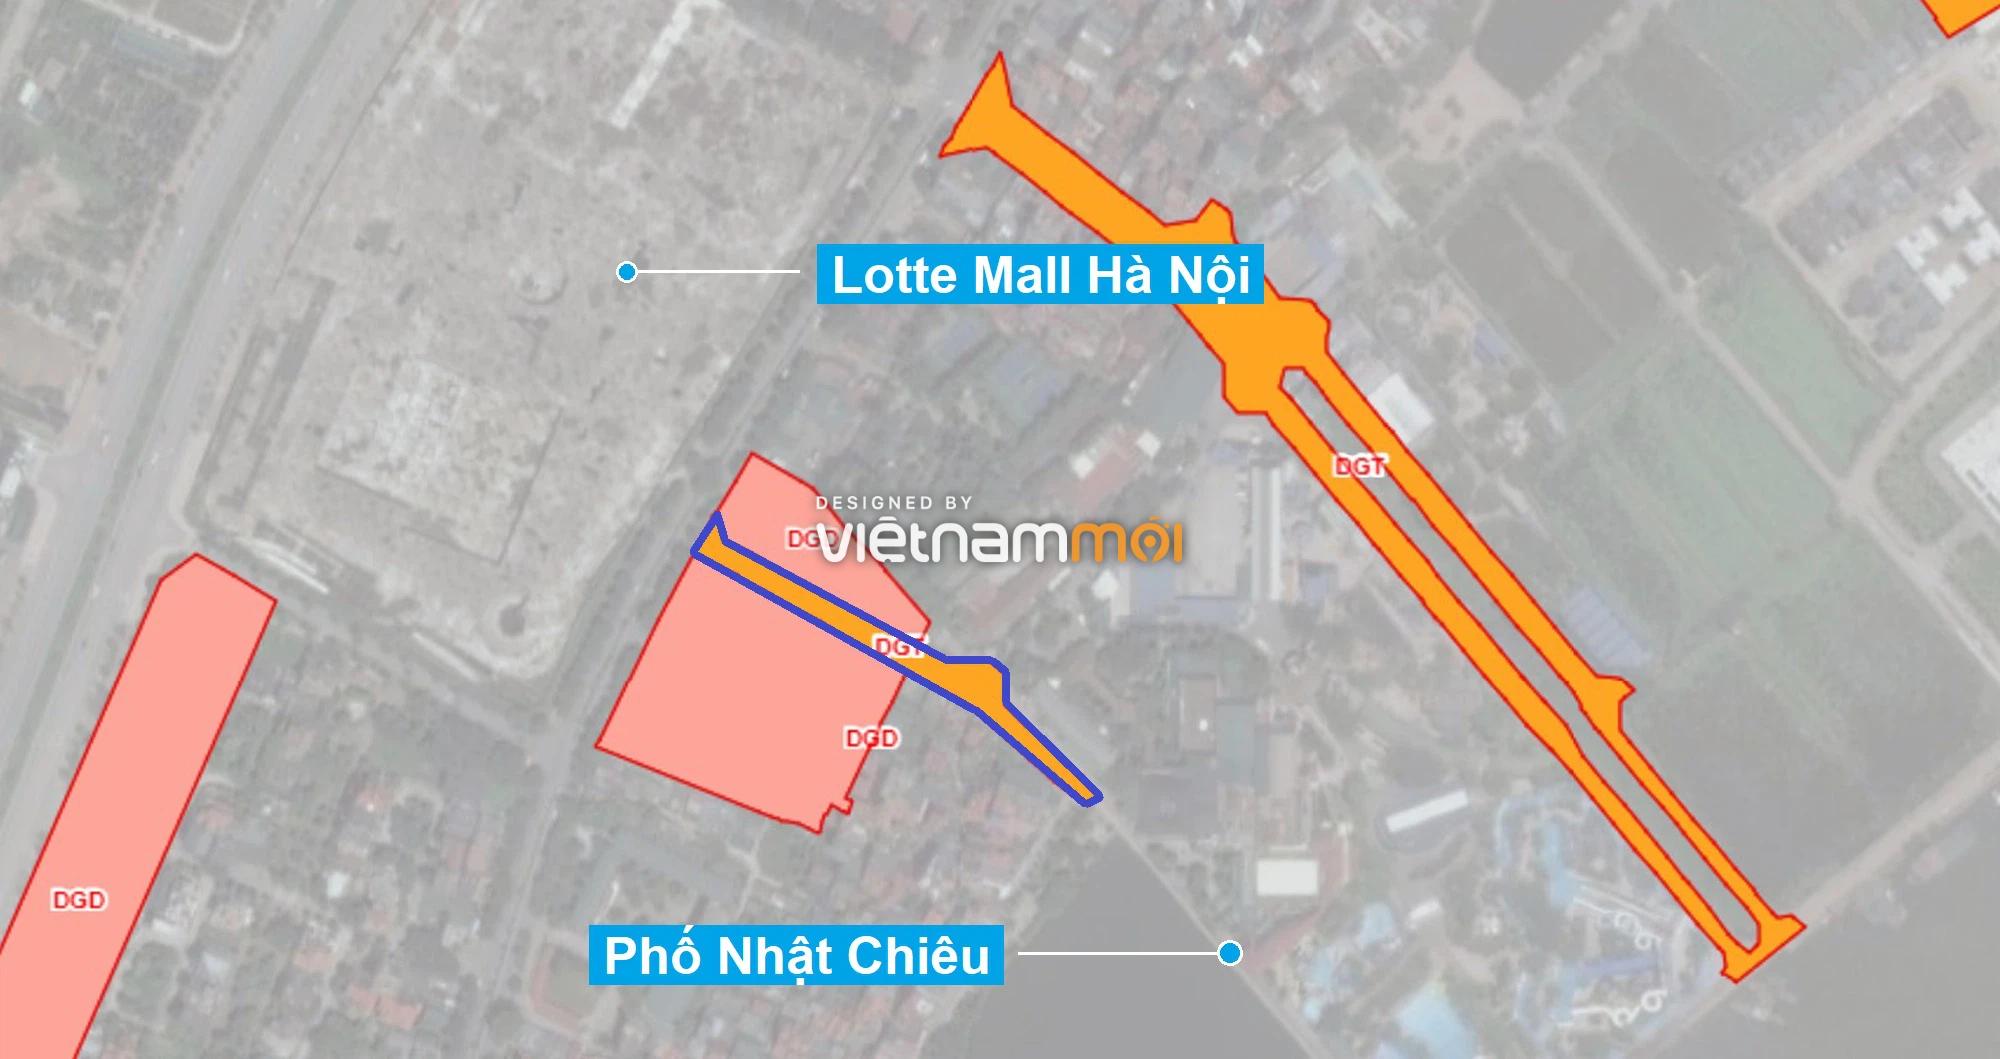 Những khu đất sắp thu hồi để mở đường ở quận Tây Hồ, Hà Nội (phần 3) - Ảnh 1.